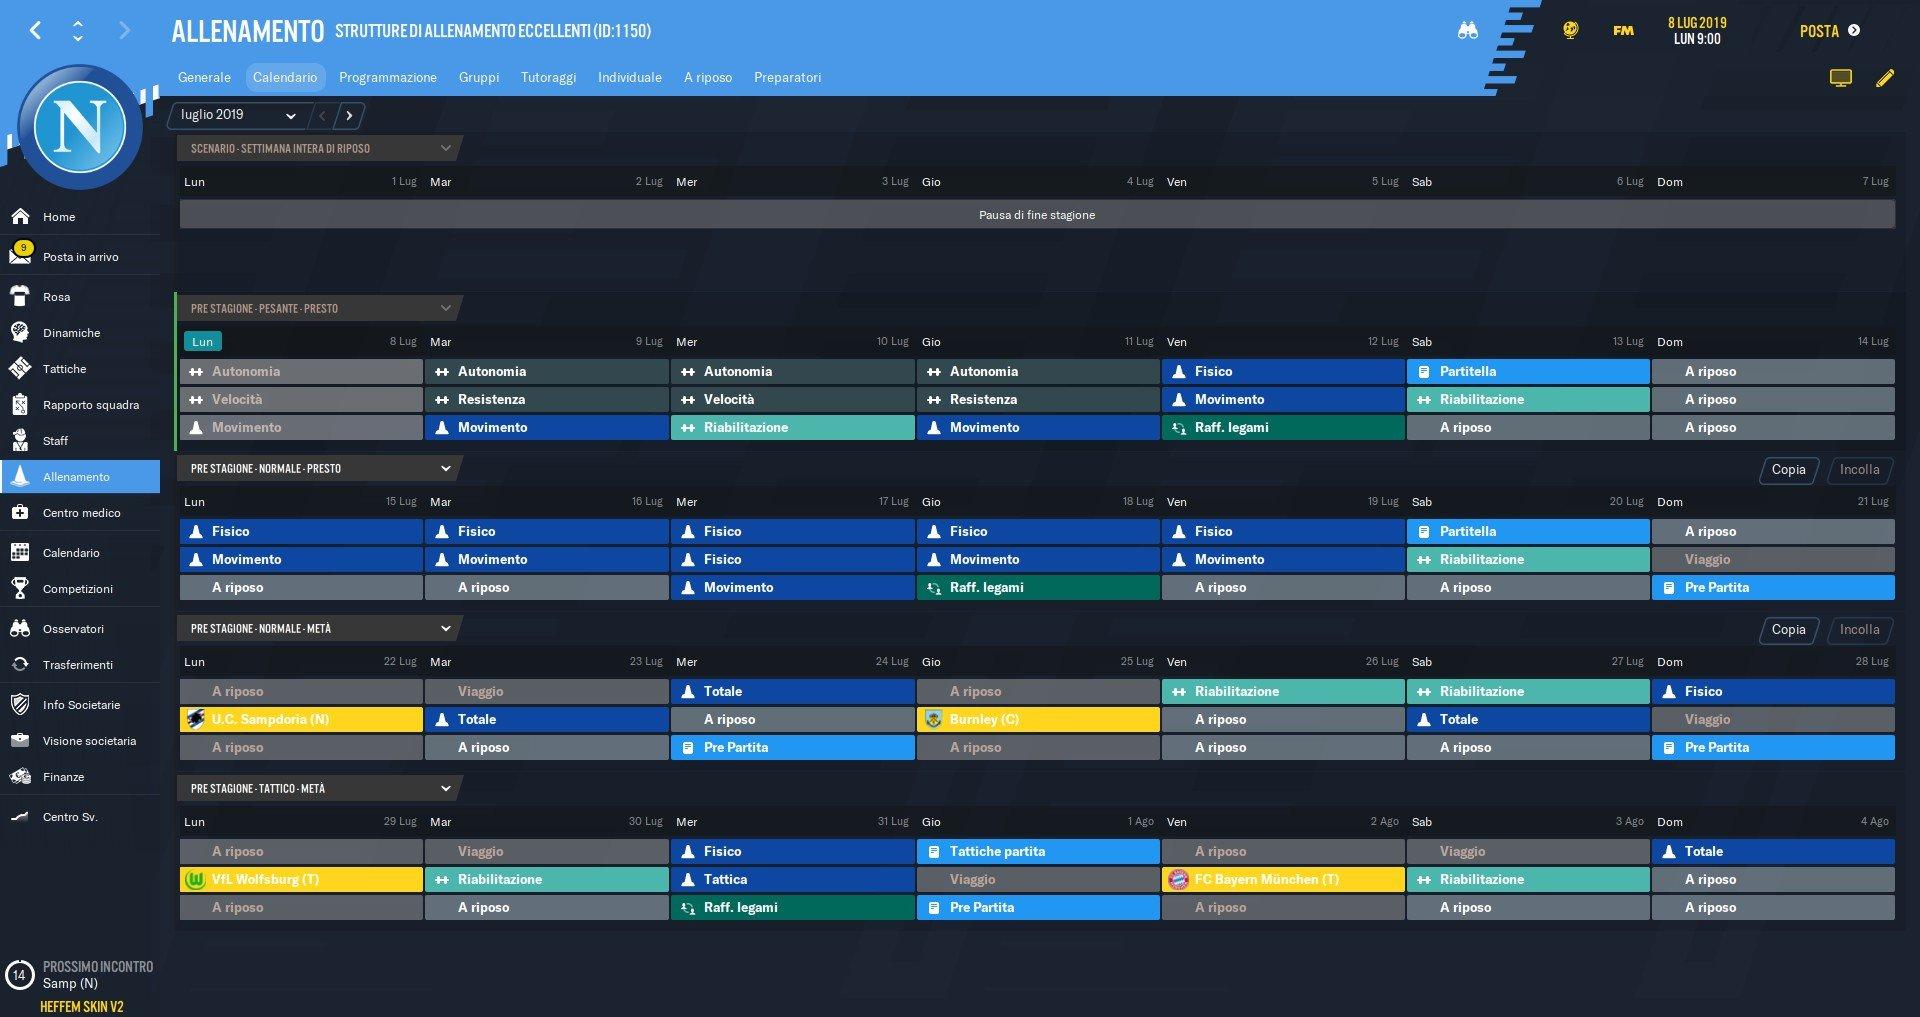 Guida allenamenti Football Manager 2020